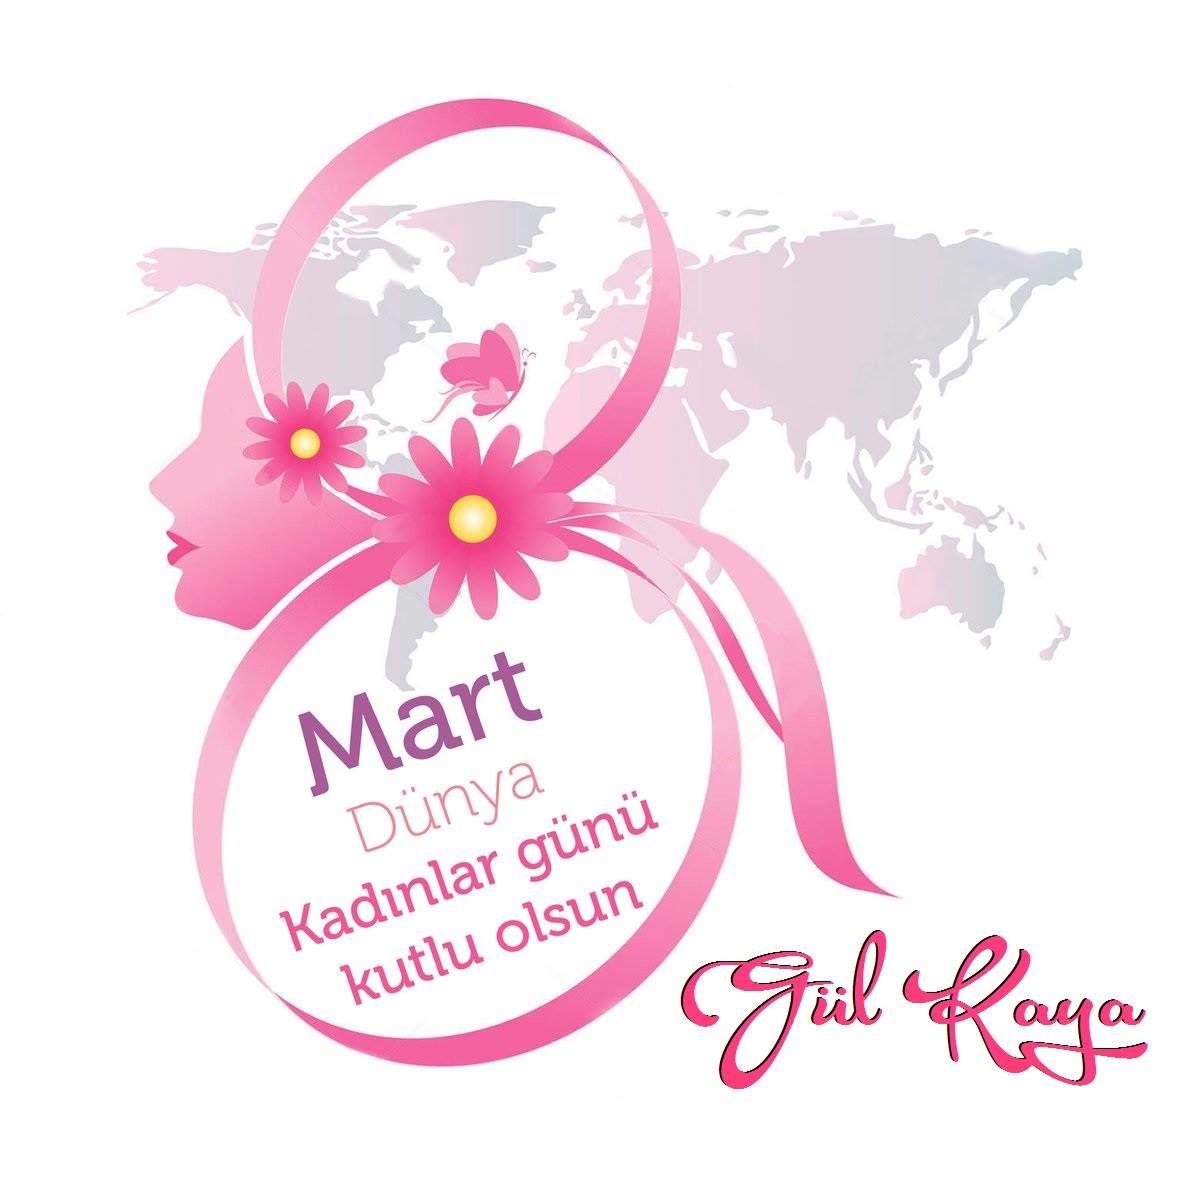 8 Mart Dünya Kadınlar Günü Kutlu Olsun GÜL KAYA